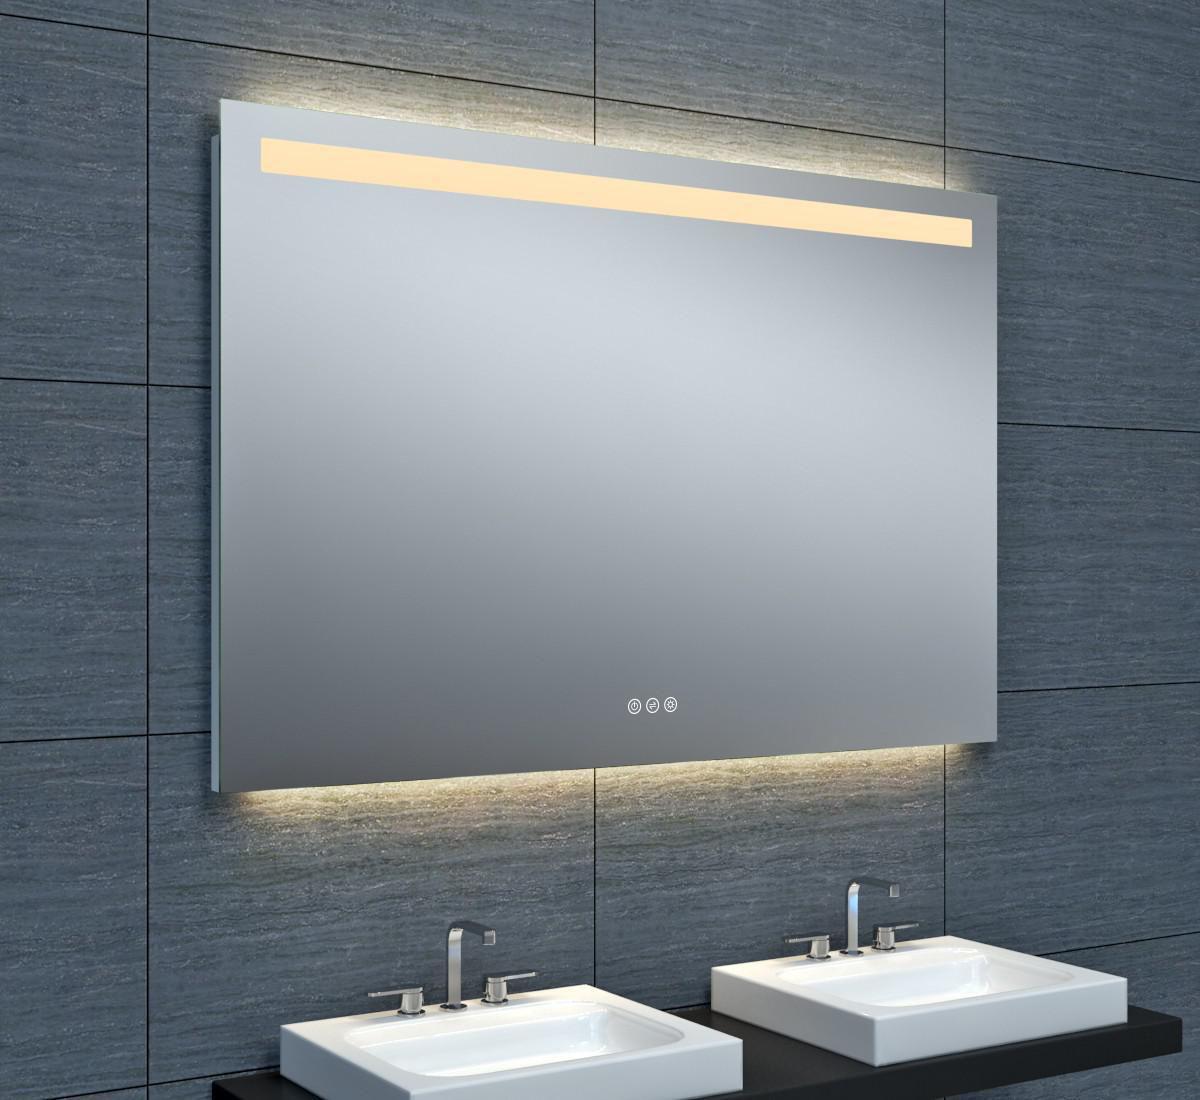 miroir tokyo clairage led avec variateur 120 x hauteur 80 cm alterna. Black Bedroom Furniture Sets. Home Design Ideas